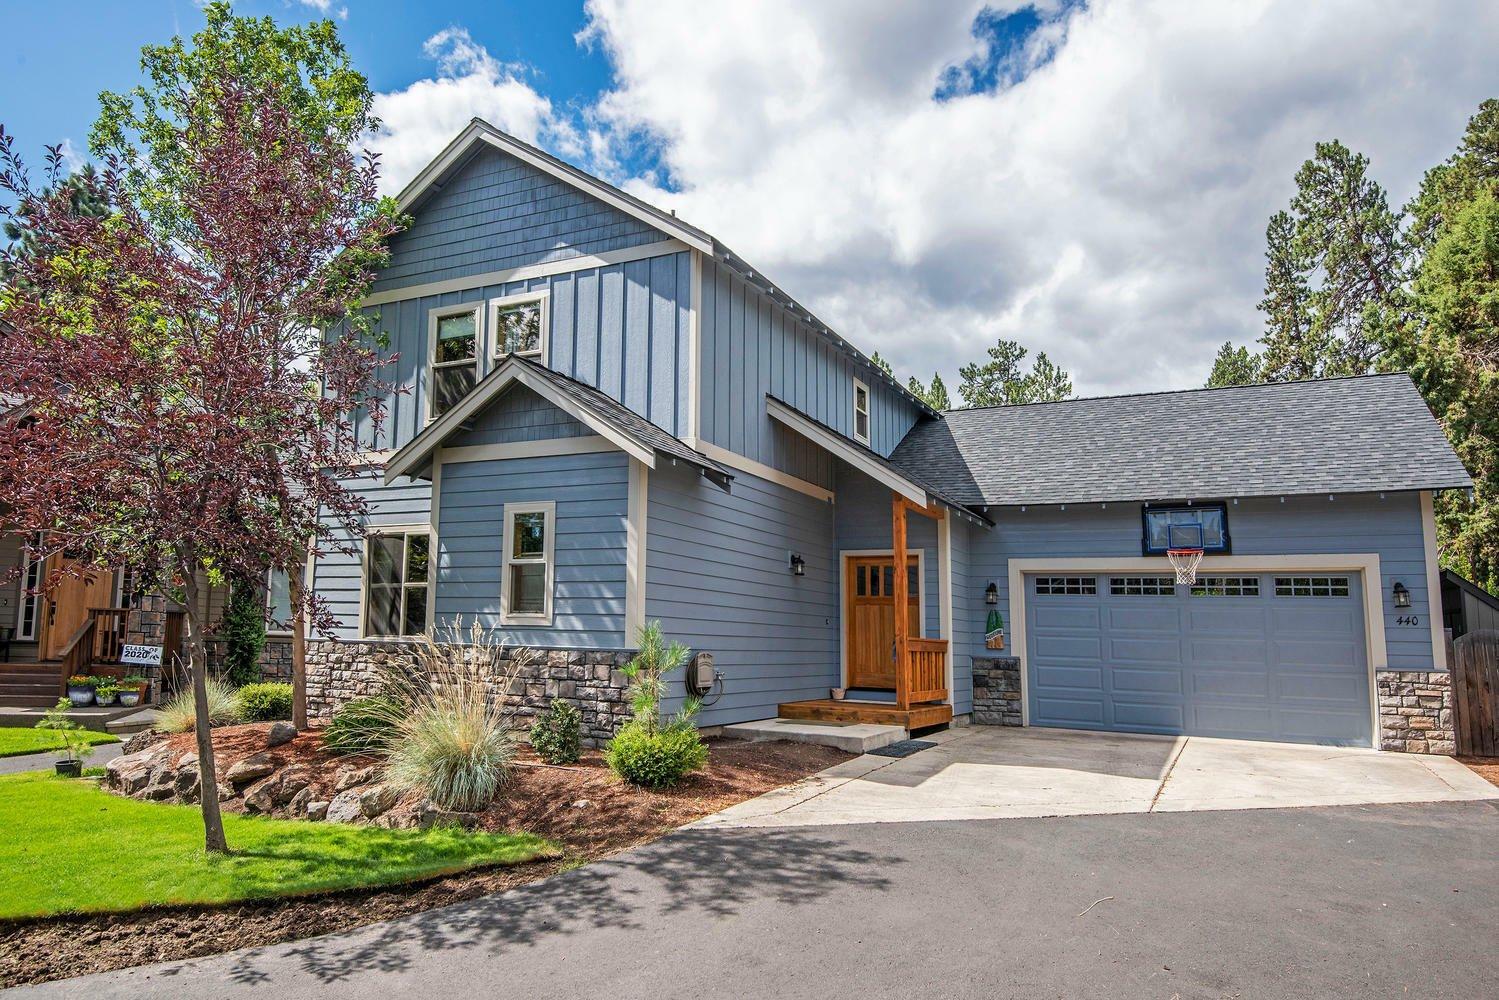 Haus in Sisters, Oregon, Vereinigte Staaten 1 - 11508902